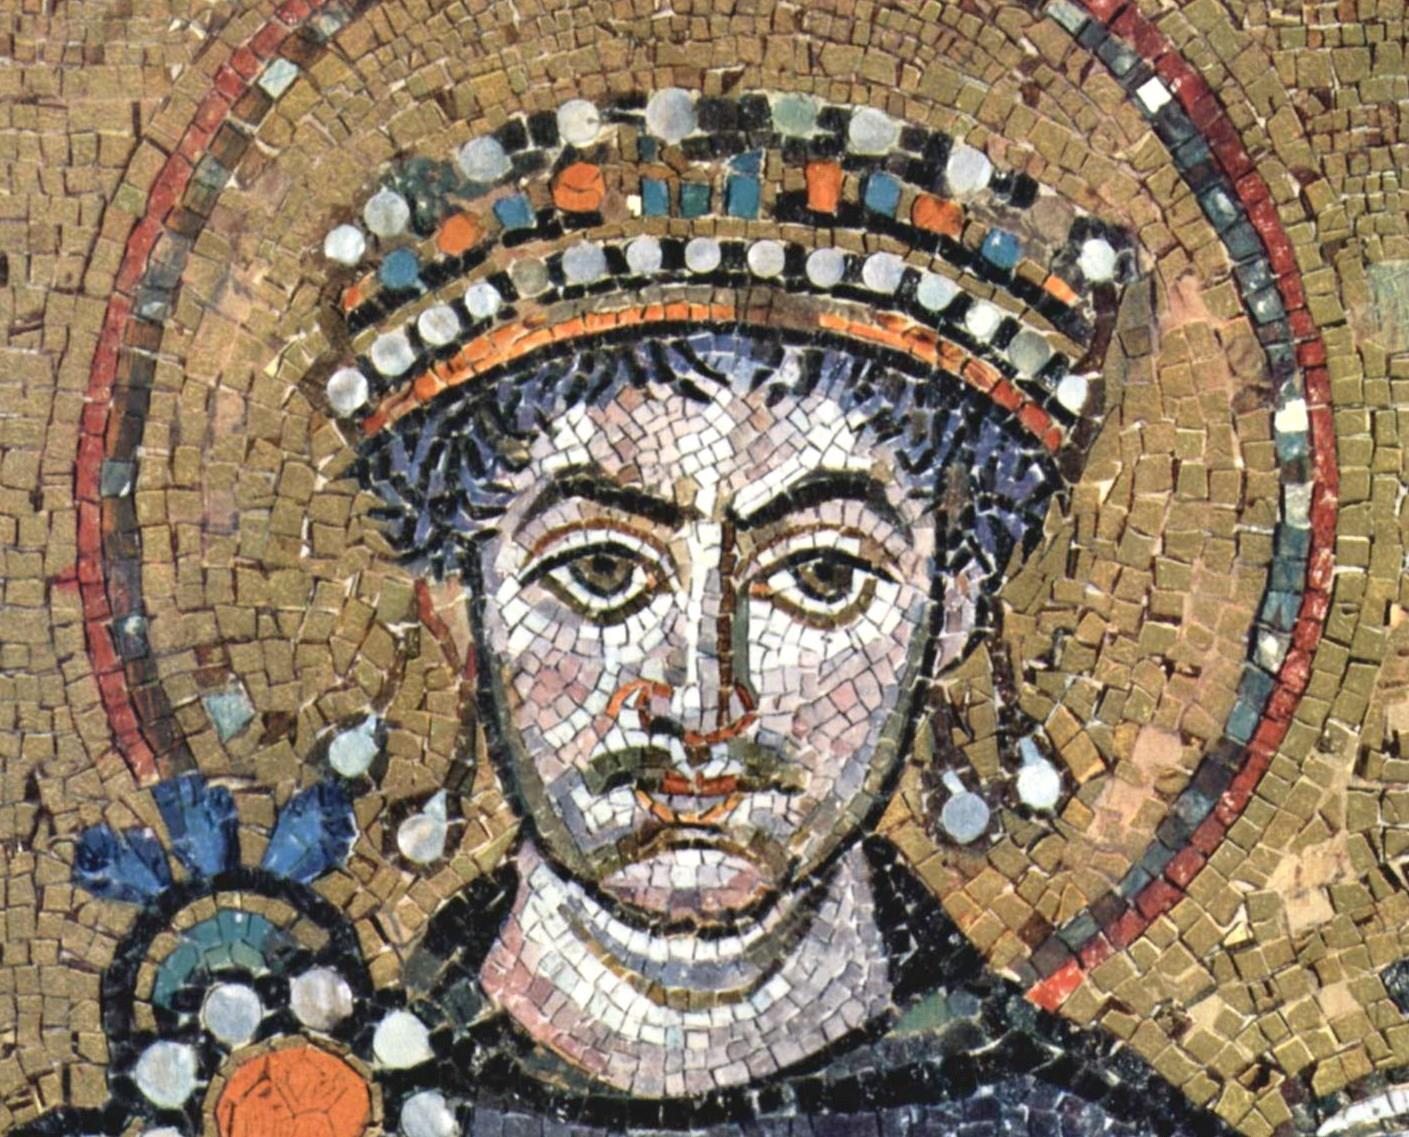 Jusztinianusz bizánci császár, nem volt bitcoinja, nem is tudta egyesíteni a Kelet- és Nyugatrómai Birodalmat (Forrás: WIkimedia Commons)